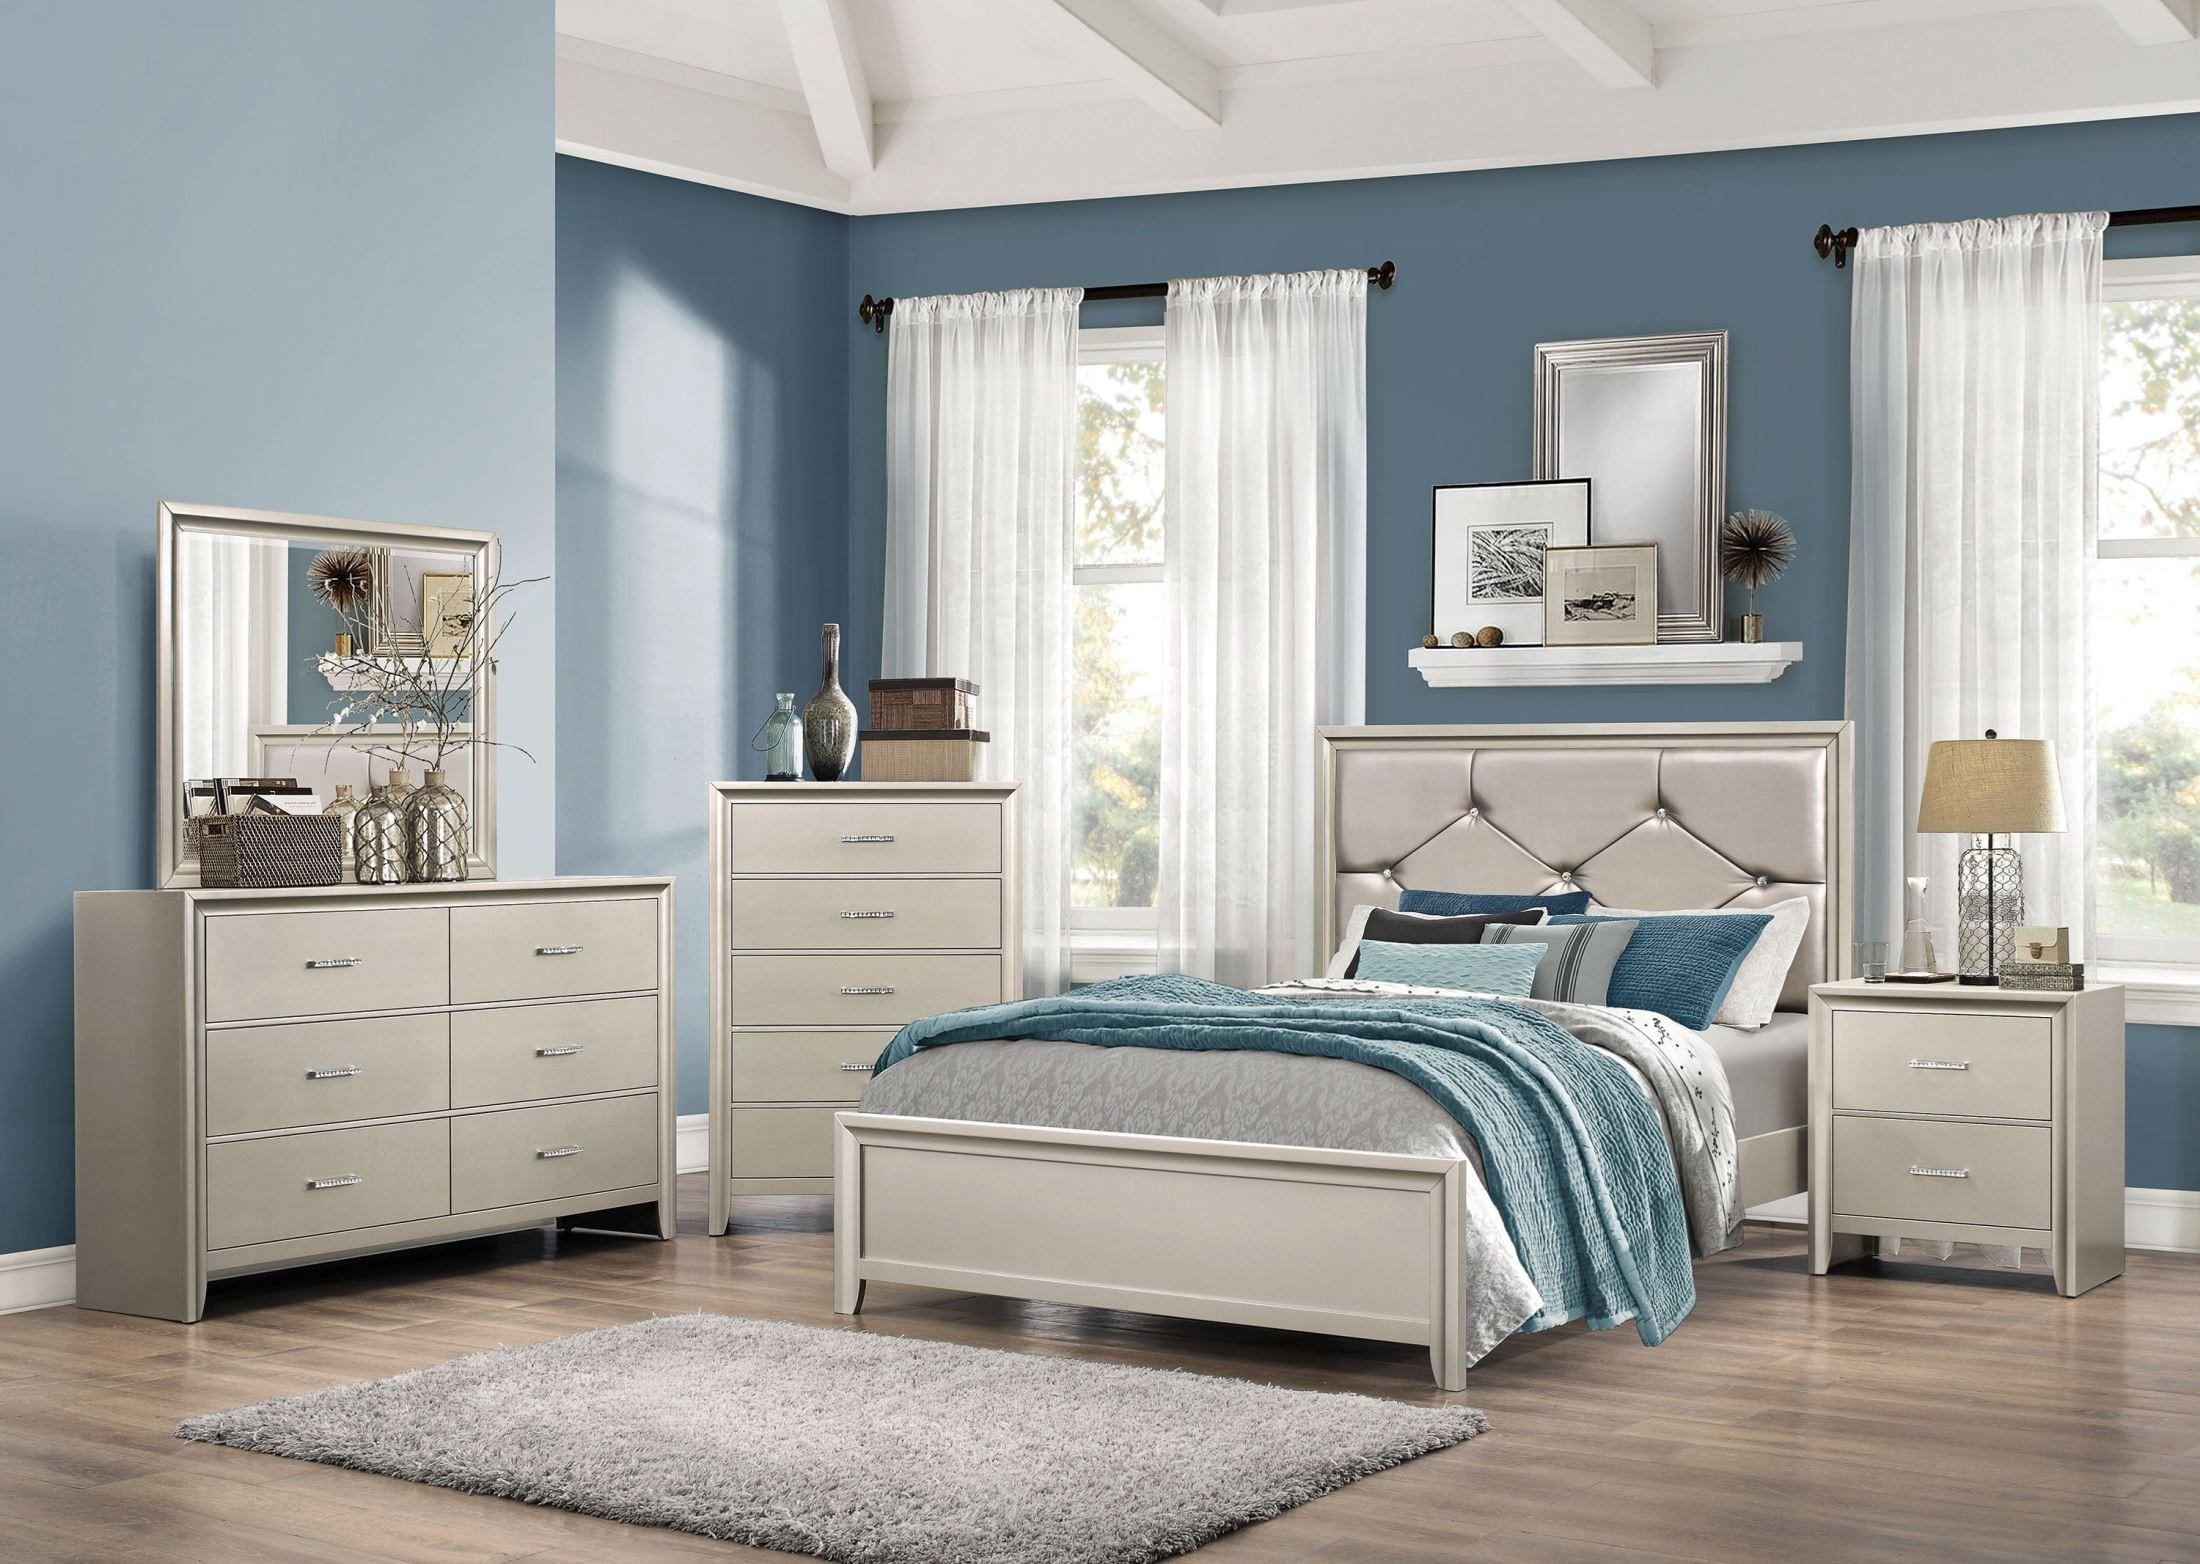 Silver Bedroom Furniture : Lana Silver Panel Bedroom Set, 205181Q, Coaster Furniture